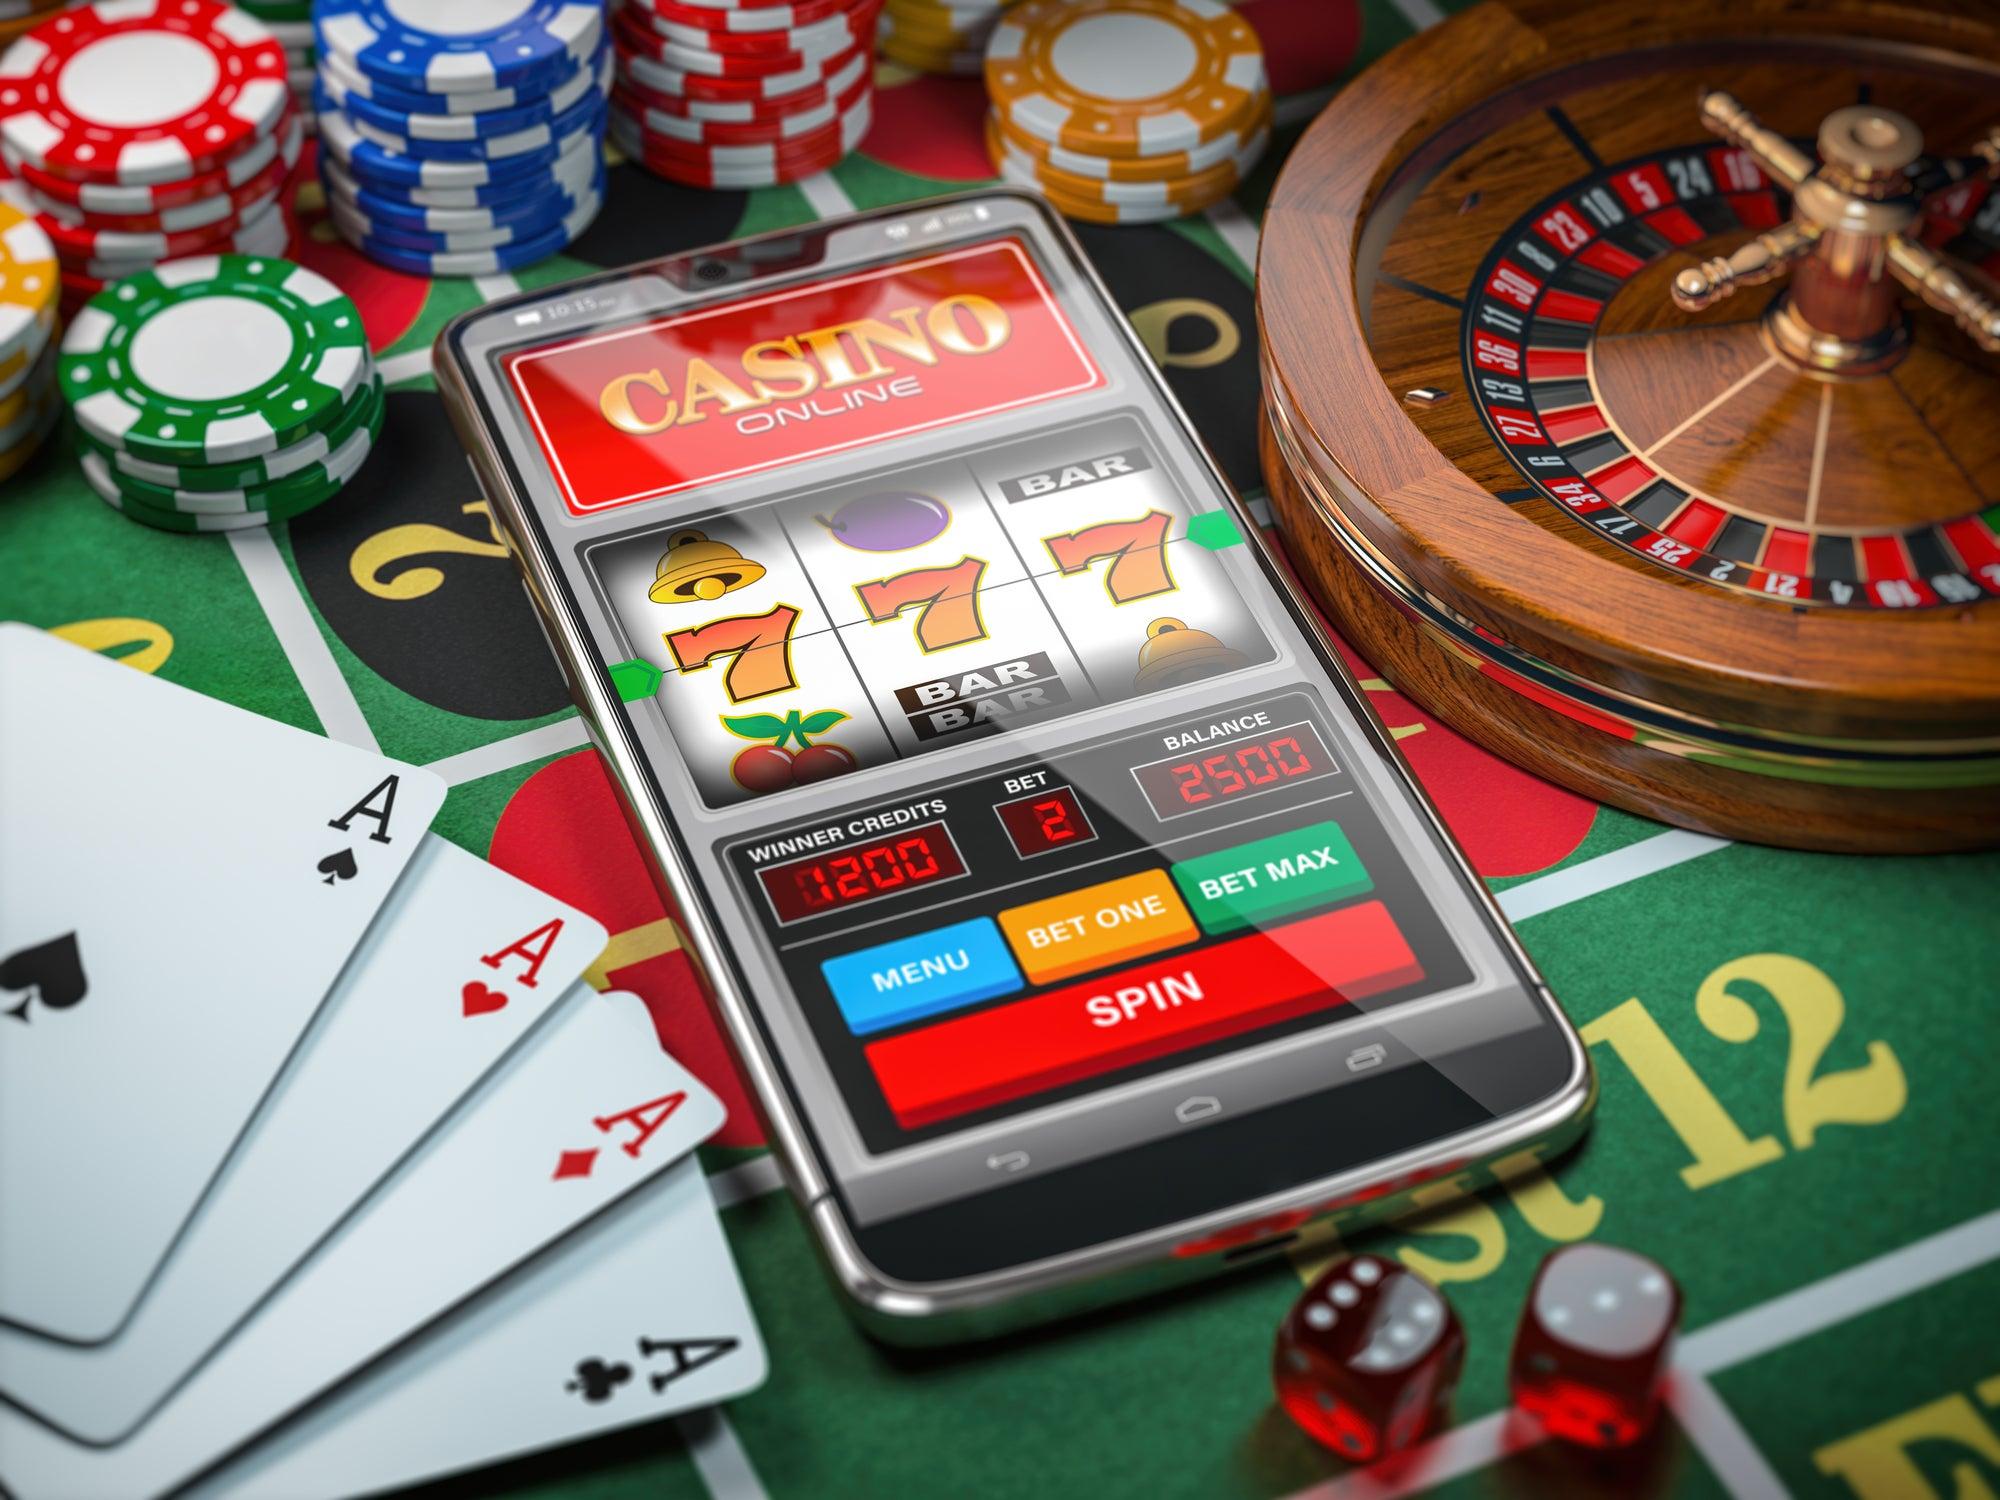 Online Casino Rush Street Interactive Menjadi Perusahaan Publik dalam Kesepakatan SPAC